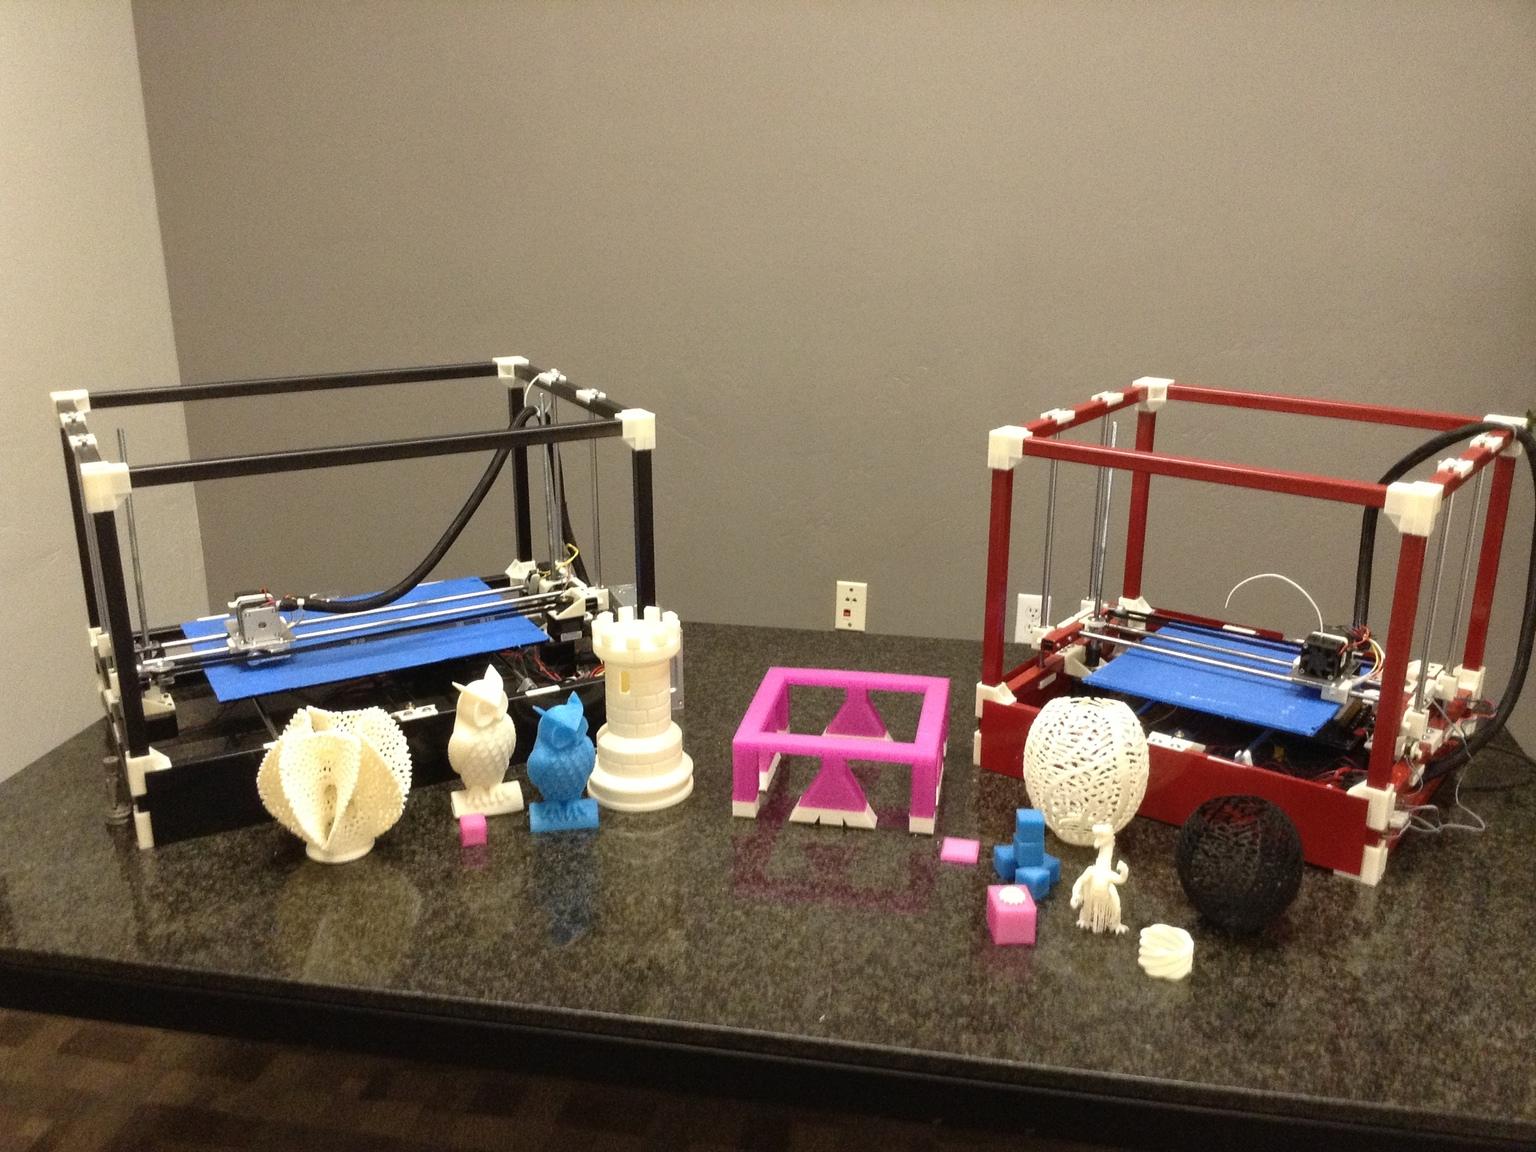 rigidbot 3D